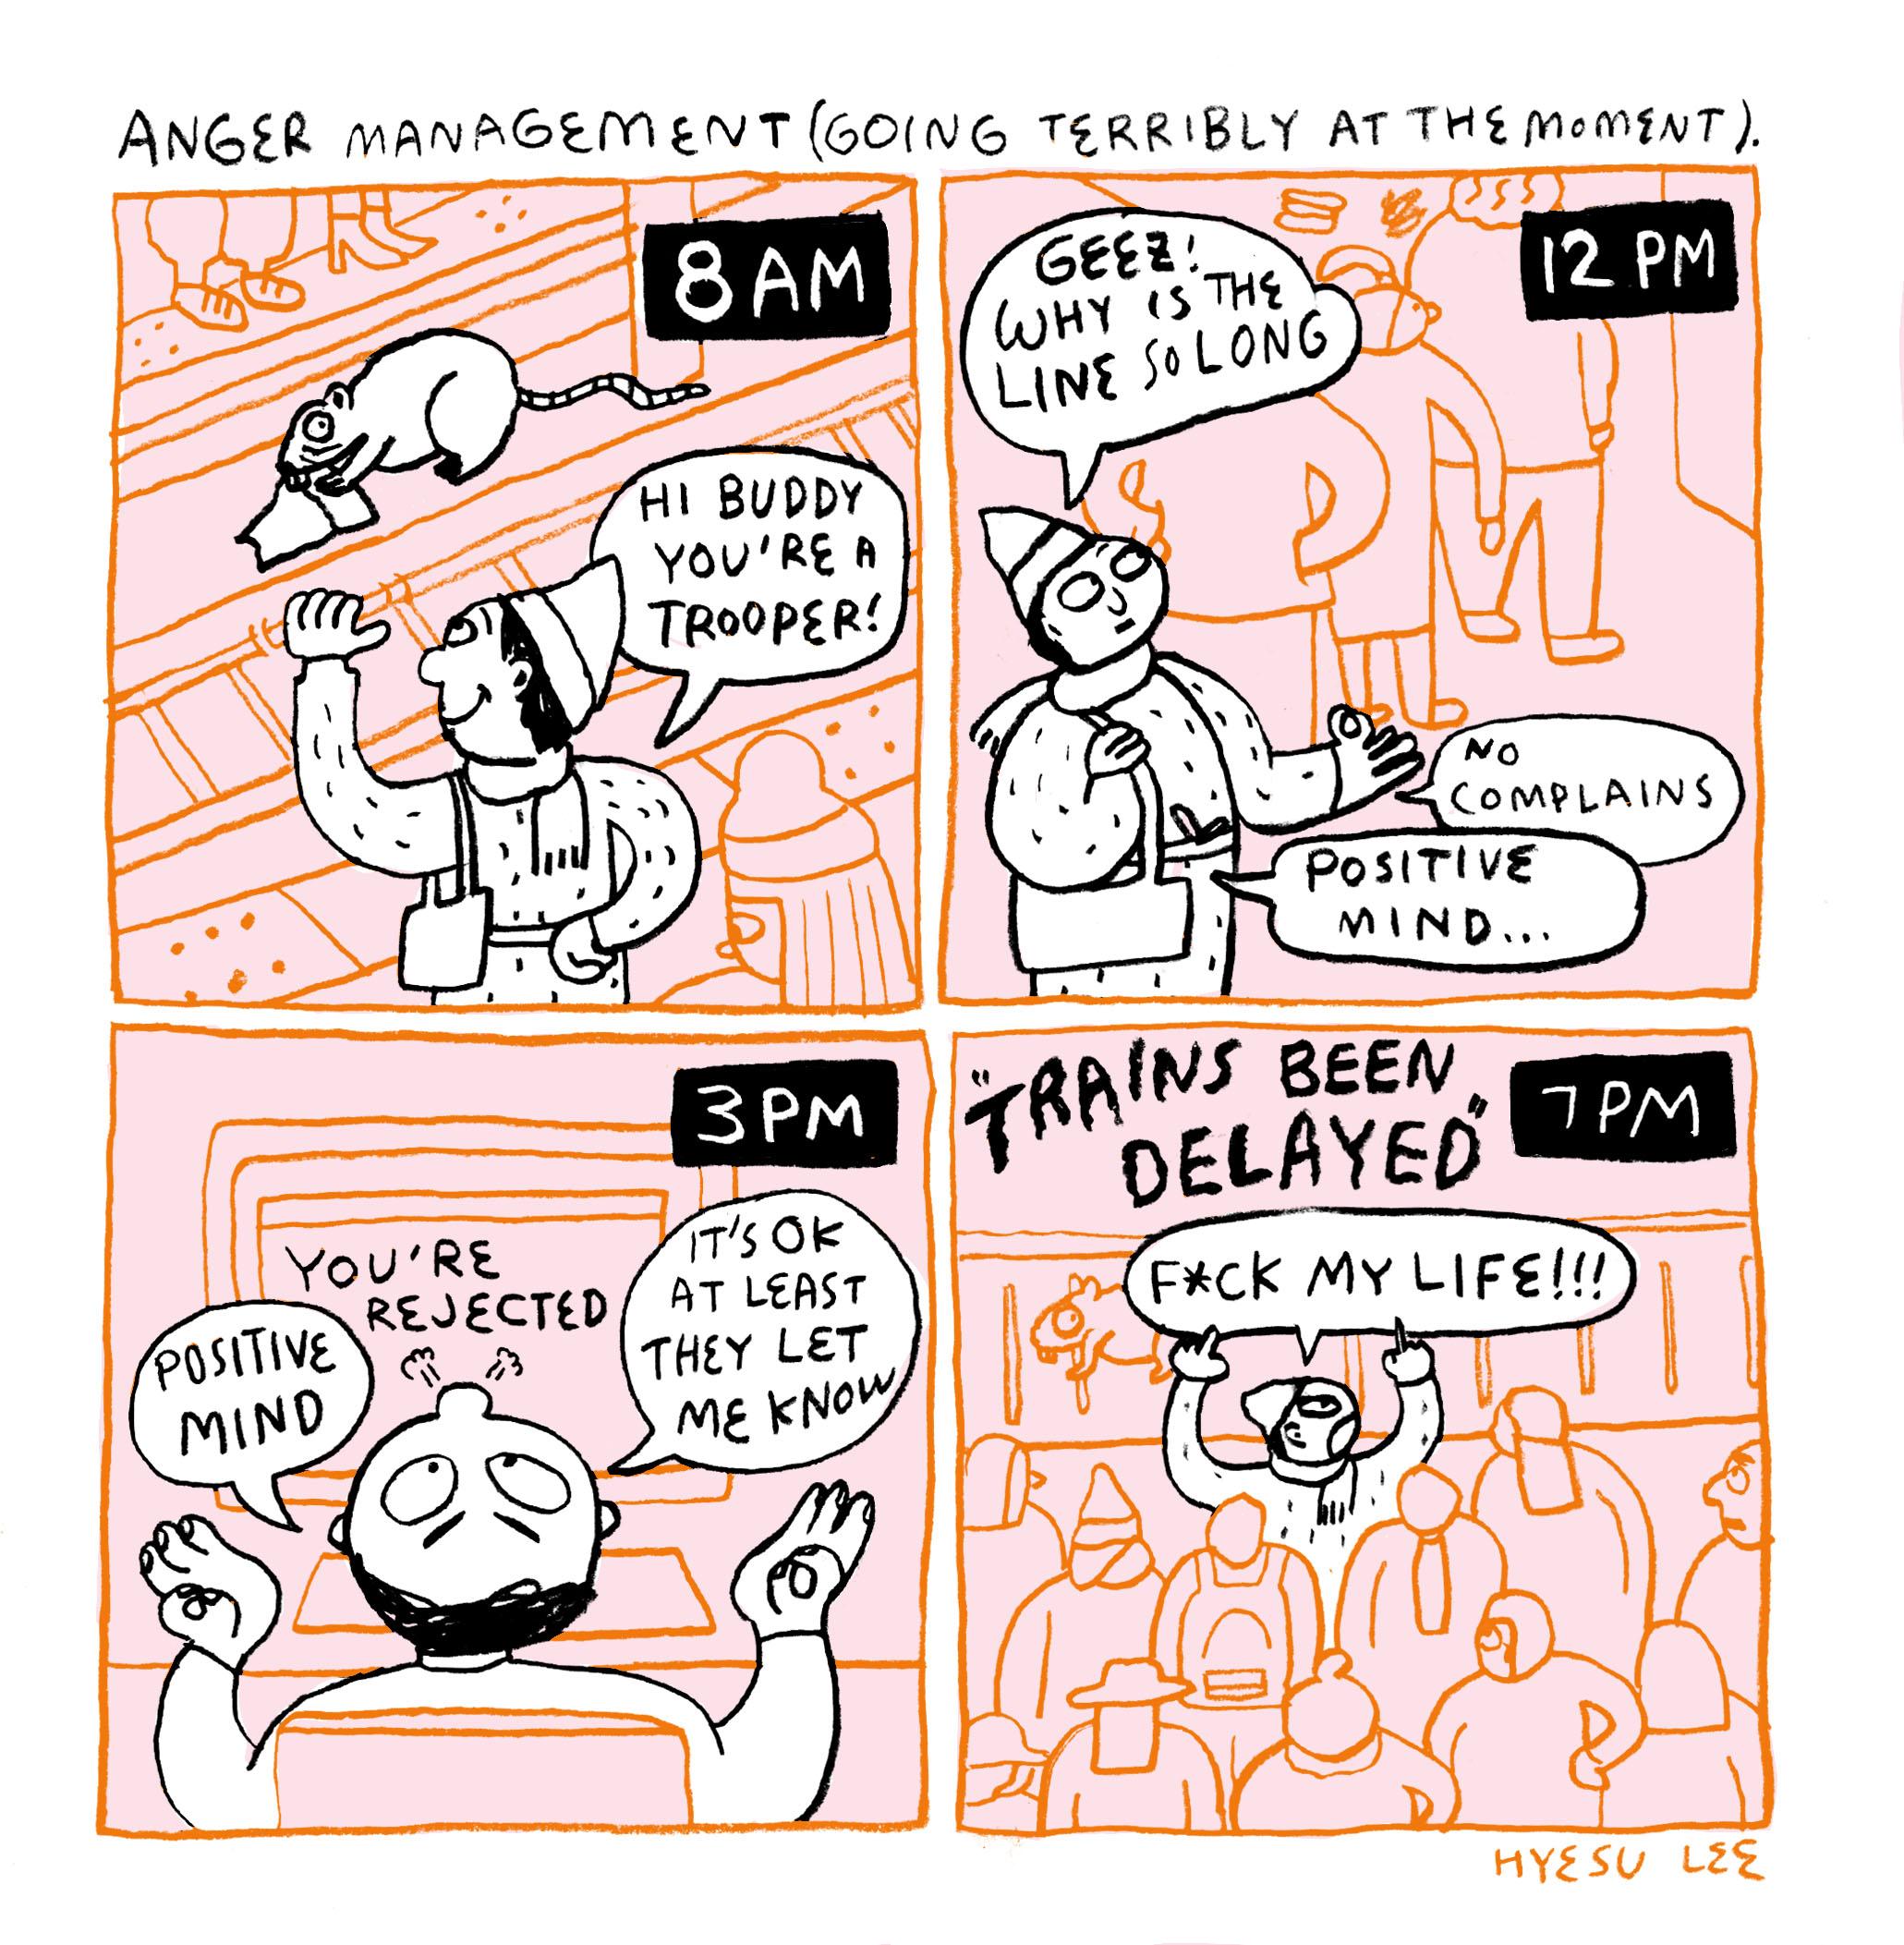 015_anger_management.jpg